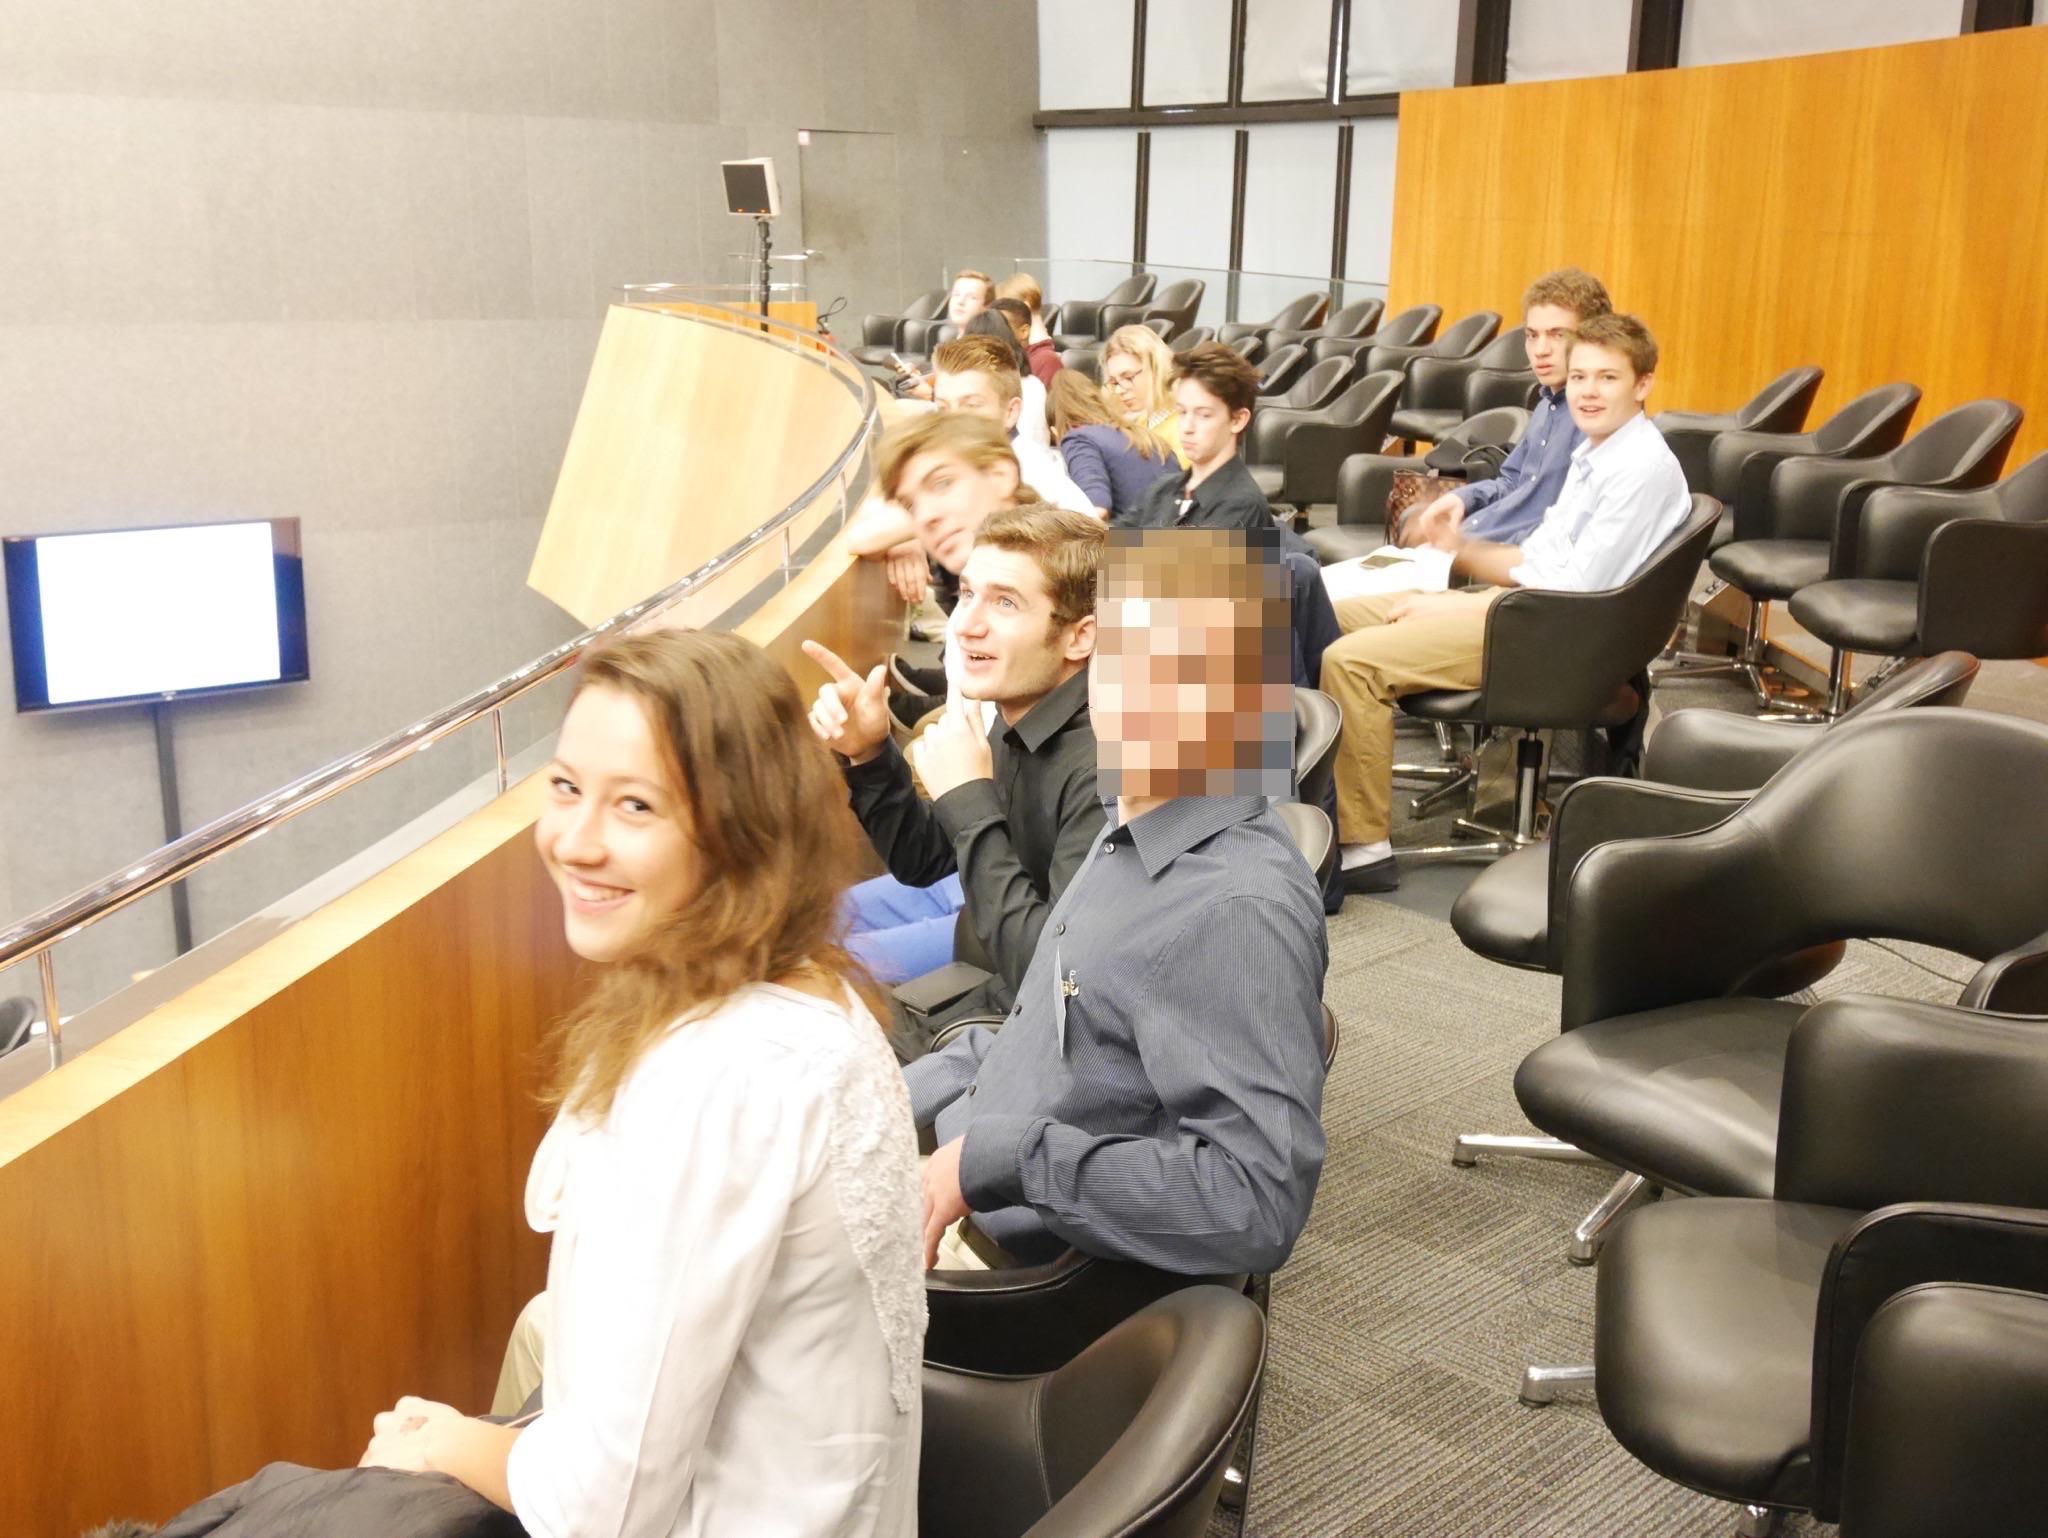 Group 1 blurred.jpg